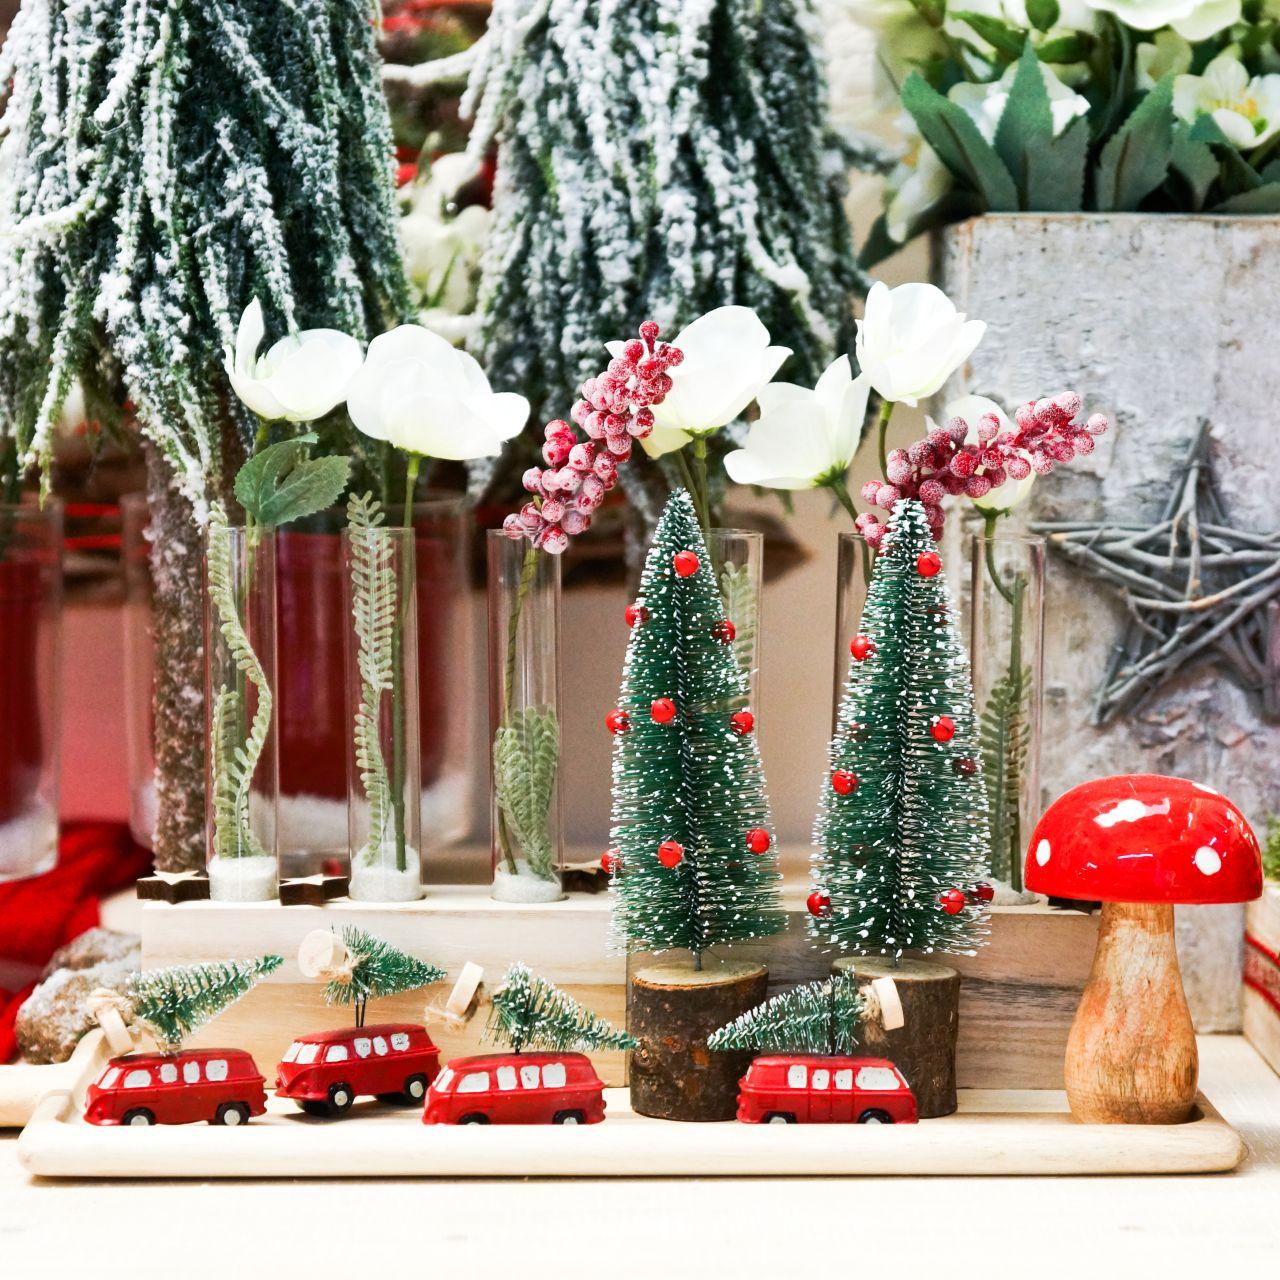 Décoration de sapin de Noël avec sapin rouge / vert 2pcs